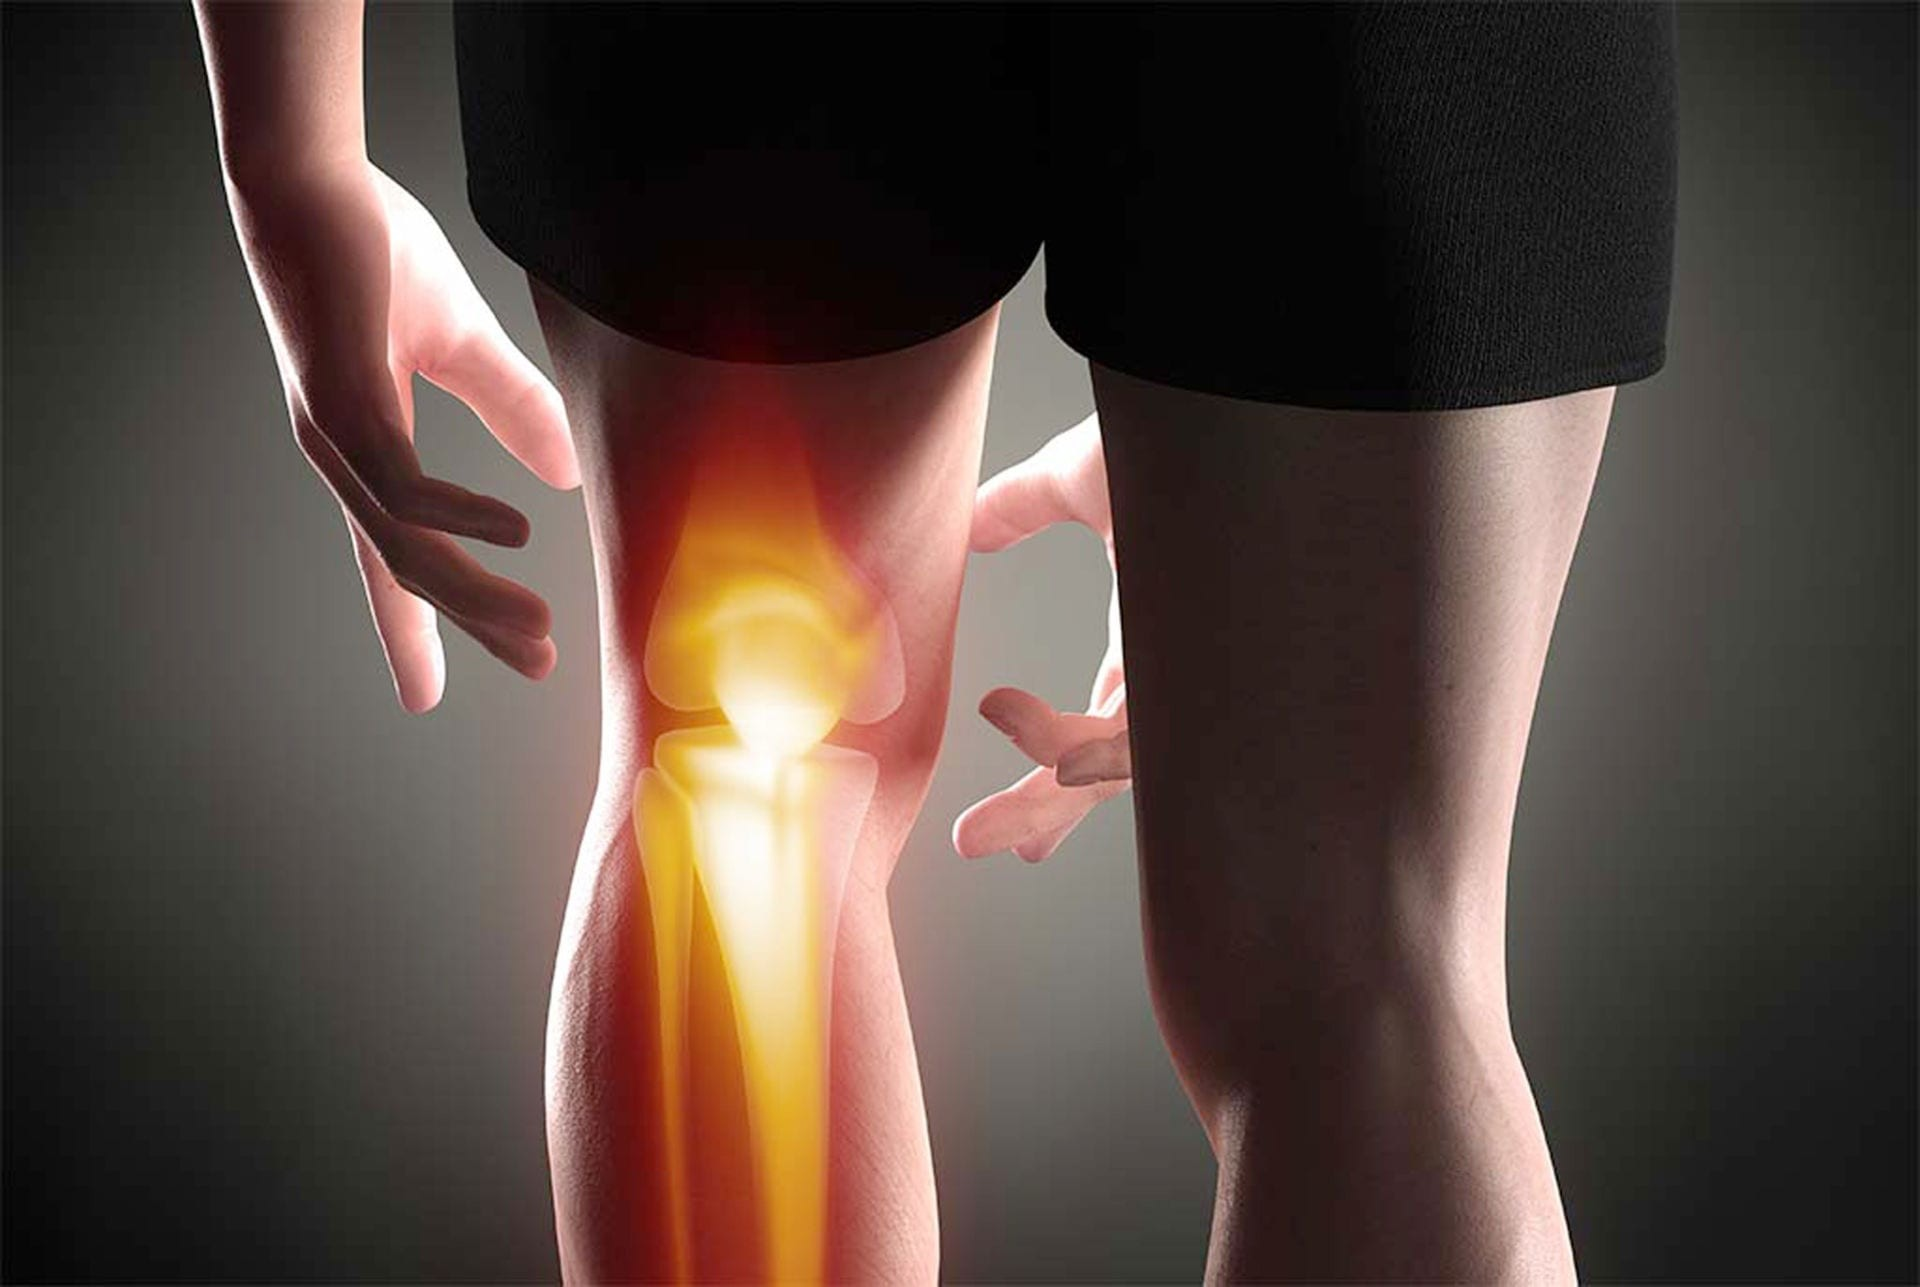 Có khá nhiều nguyên nhân dẫn tới tình trạng viêm khớp